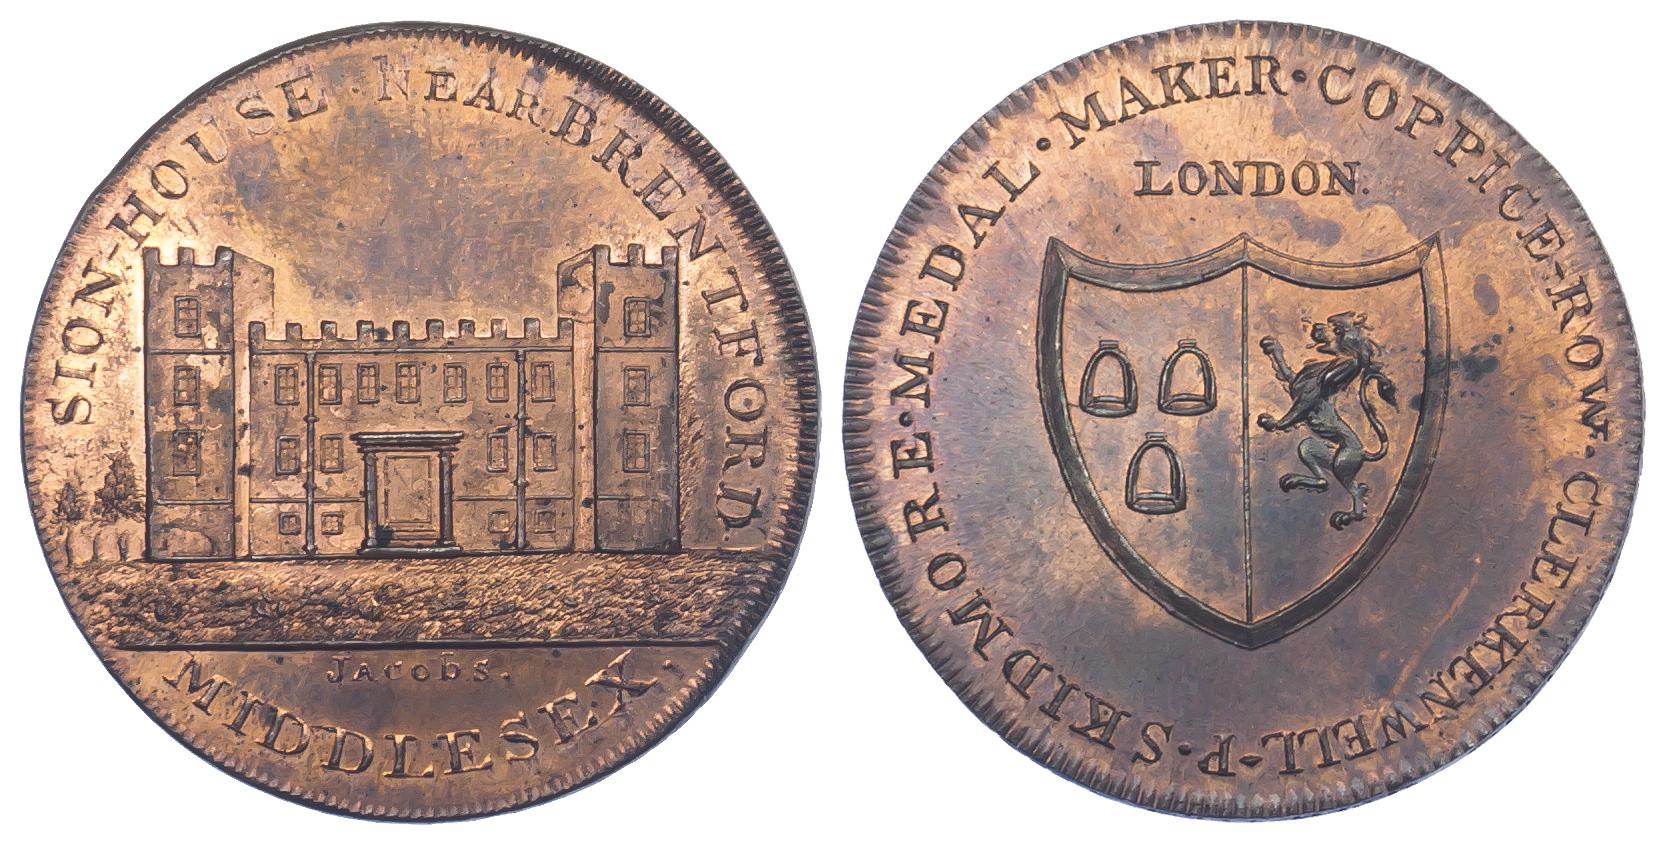 Middlesex, Brentford, Skidmore, Halfpenny Token, 1797